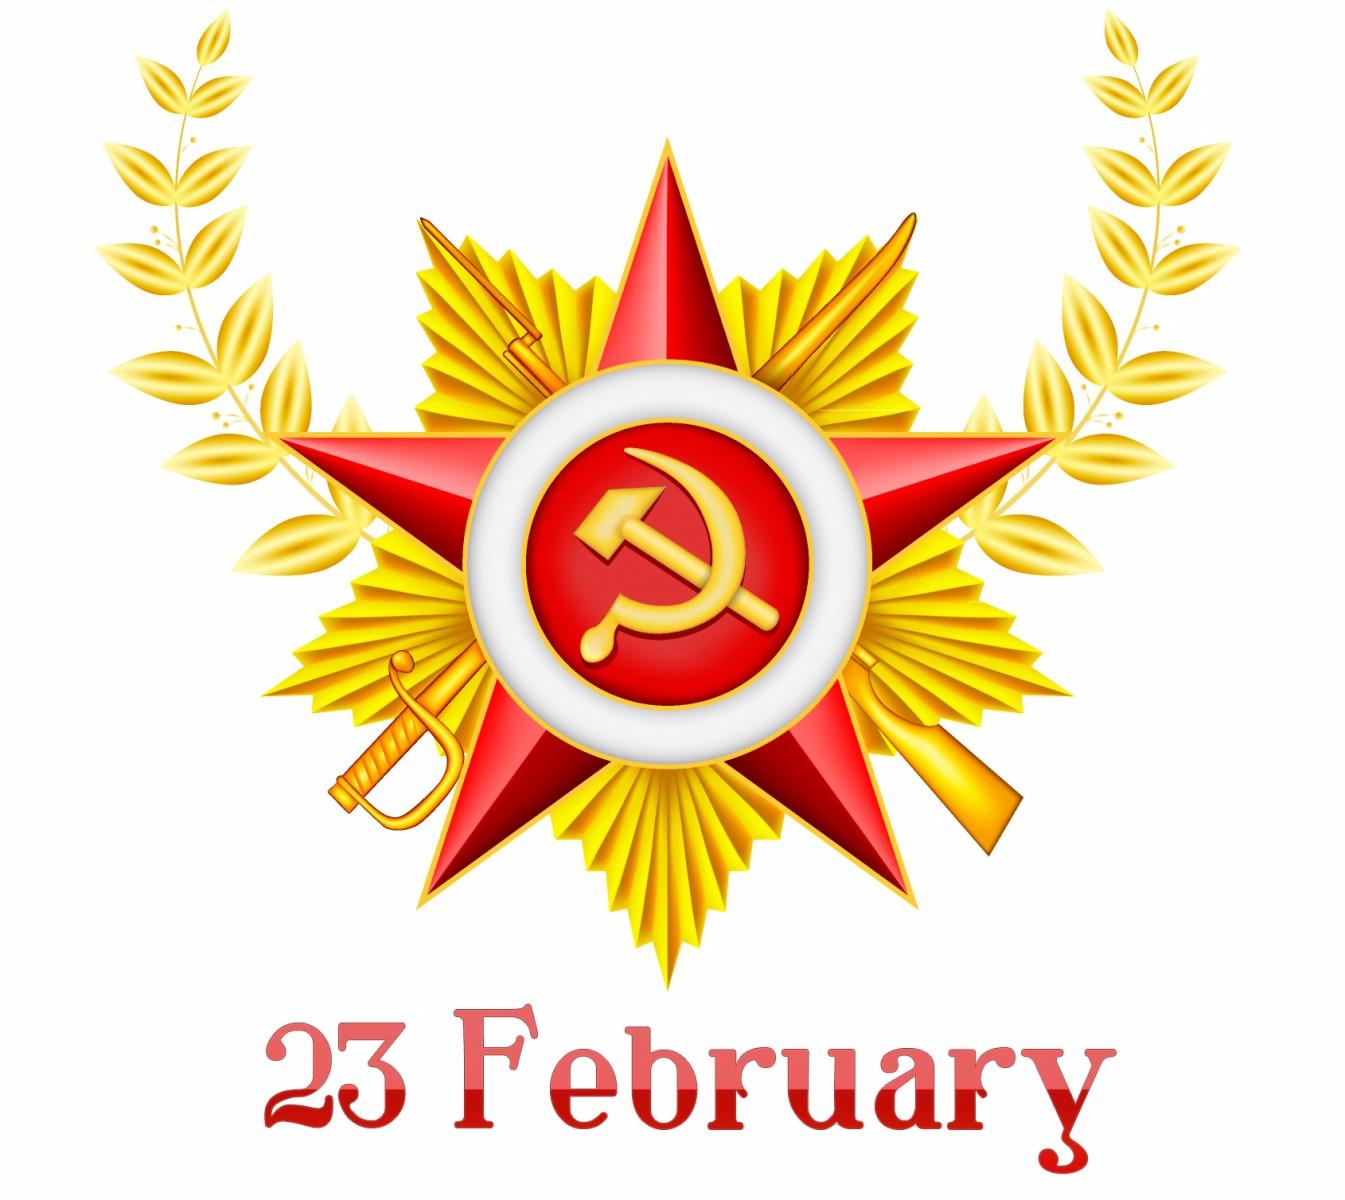 Картинки с 23 февраля и поздравления